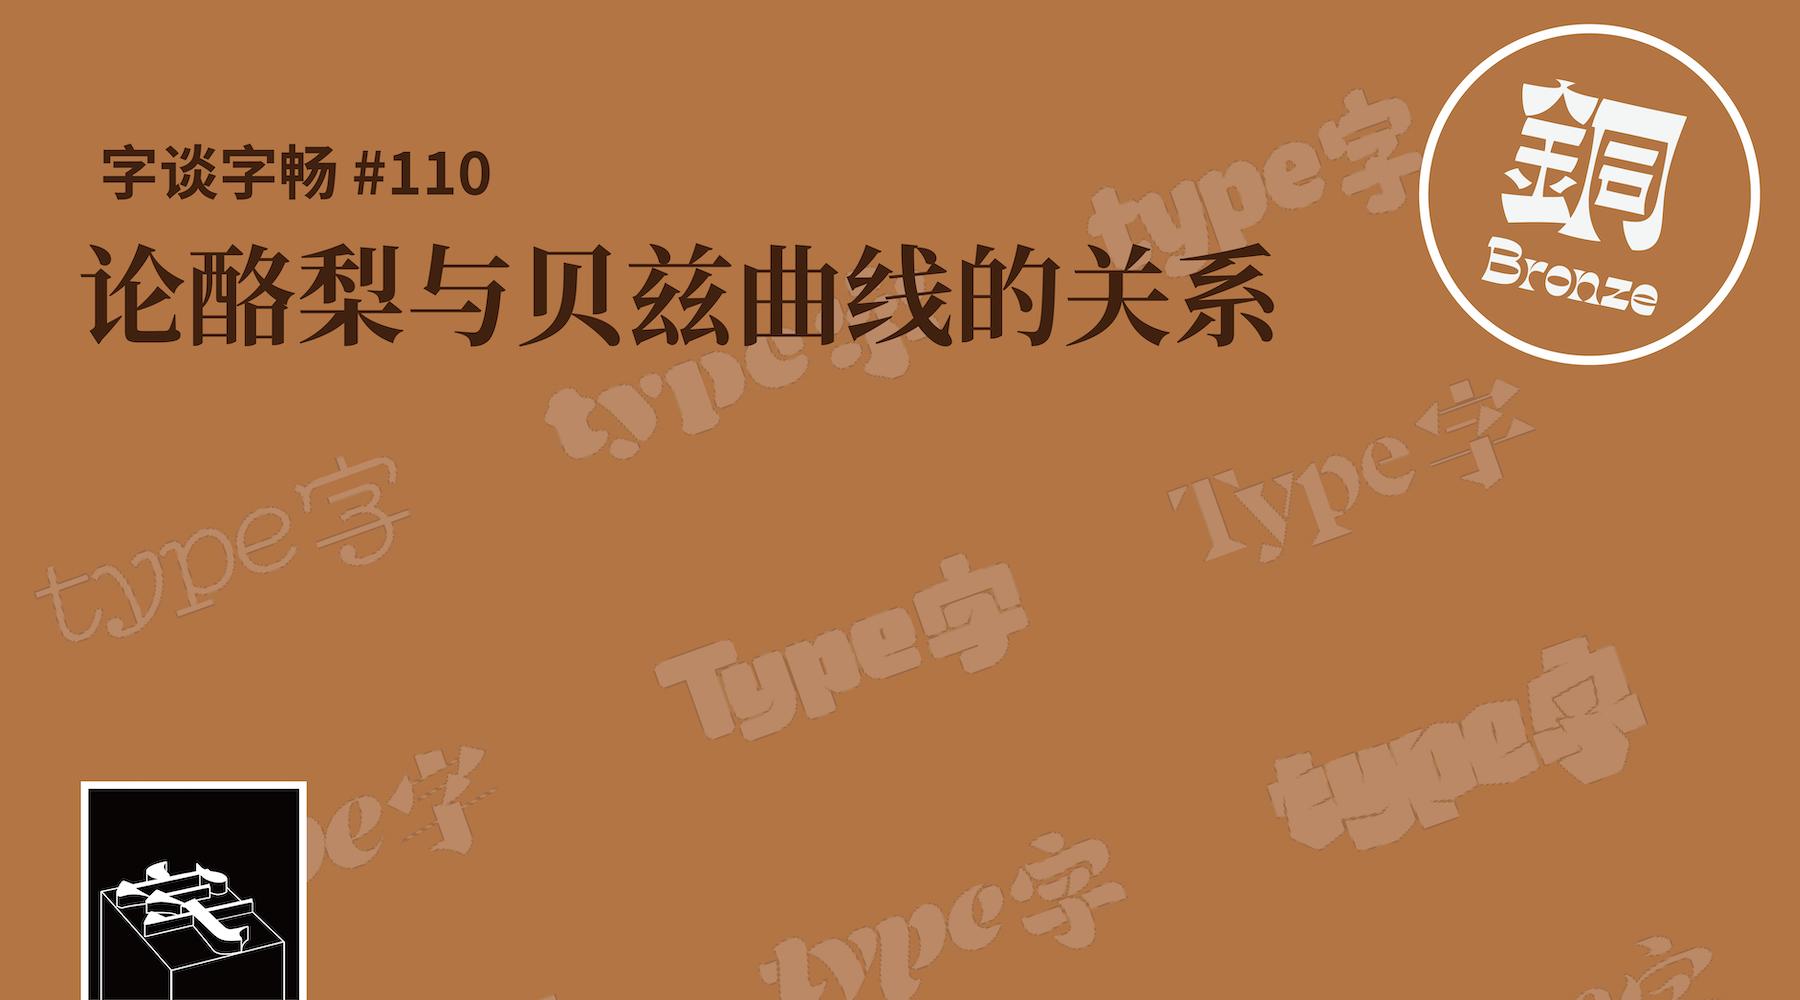 TypeChat #1110